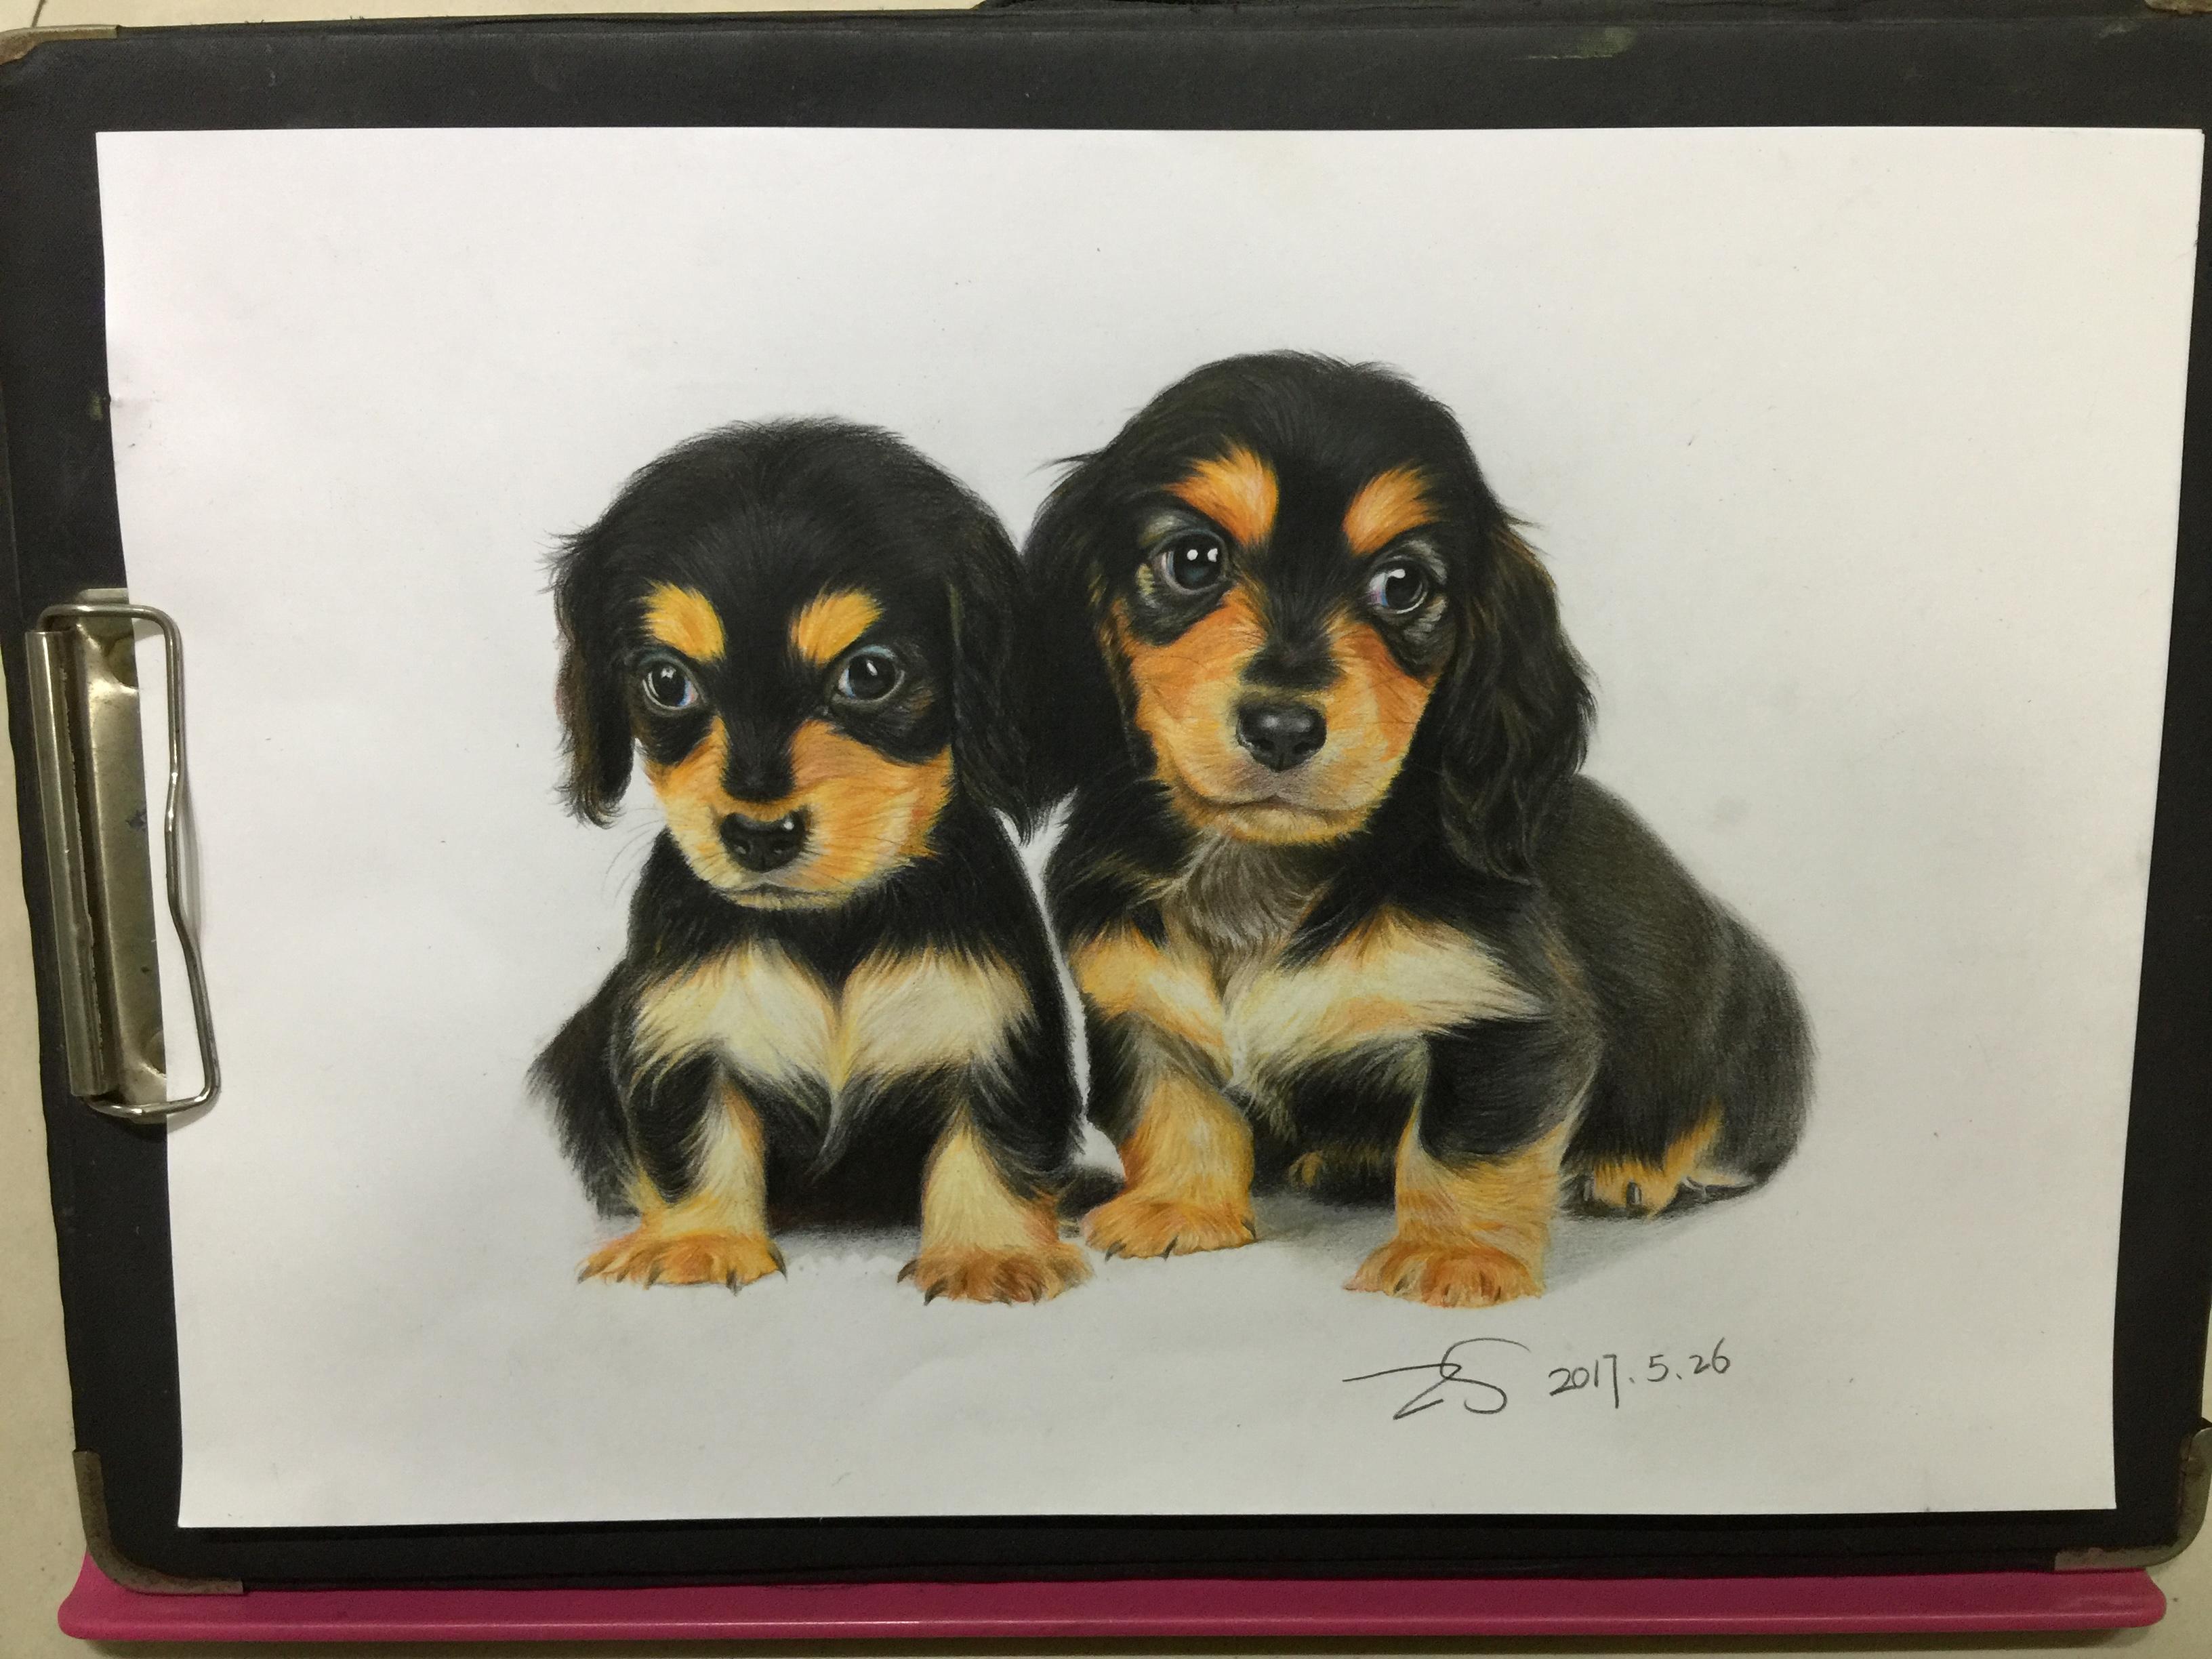 彩铅纯手绘小黑狗